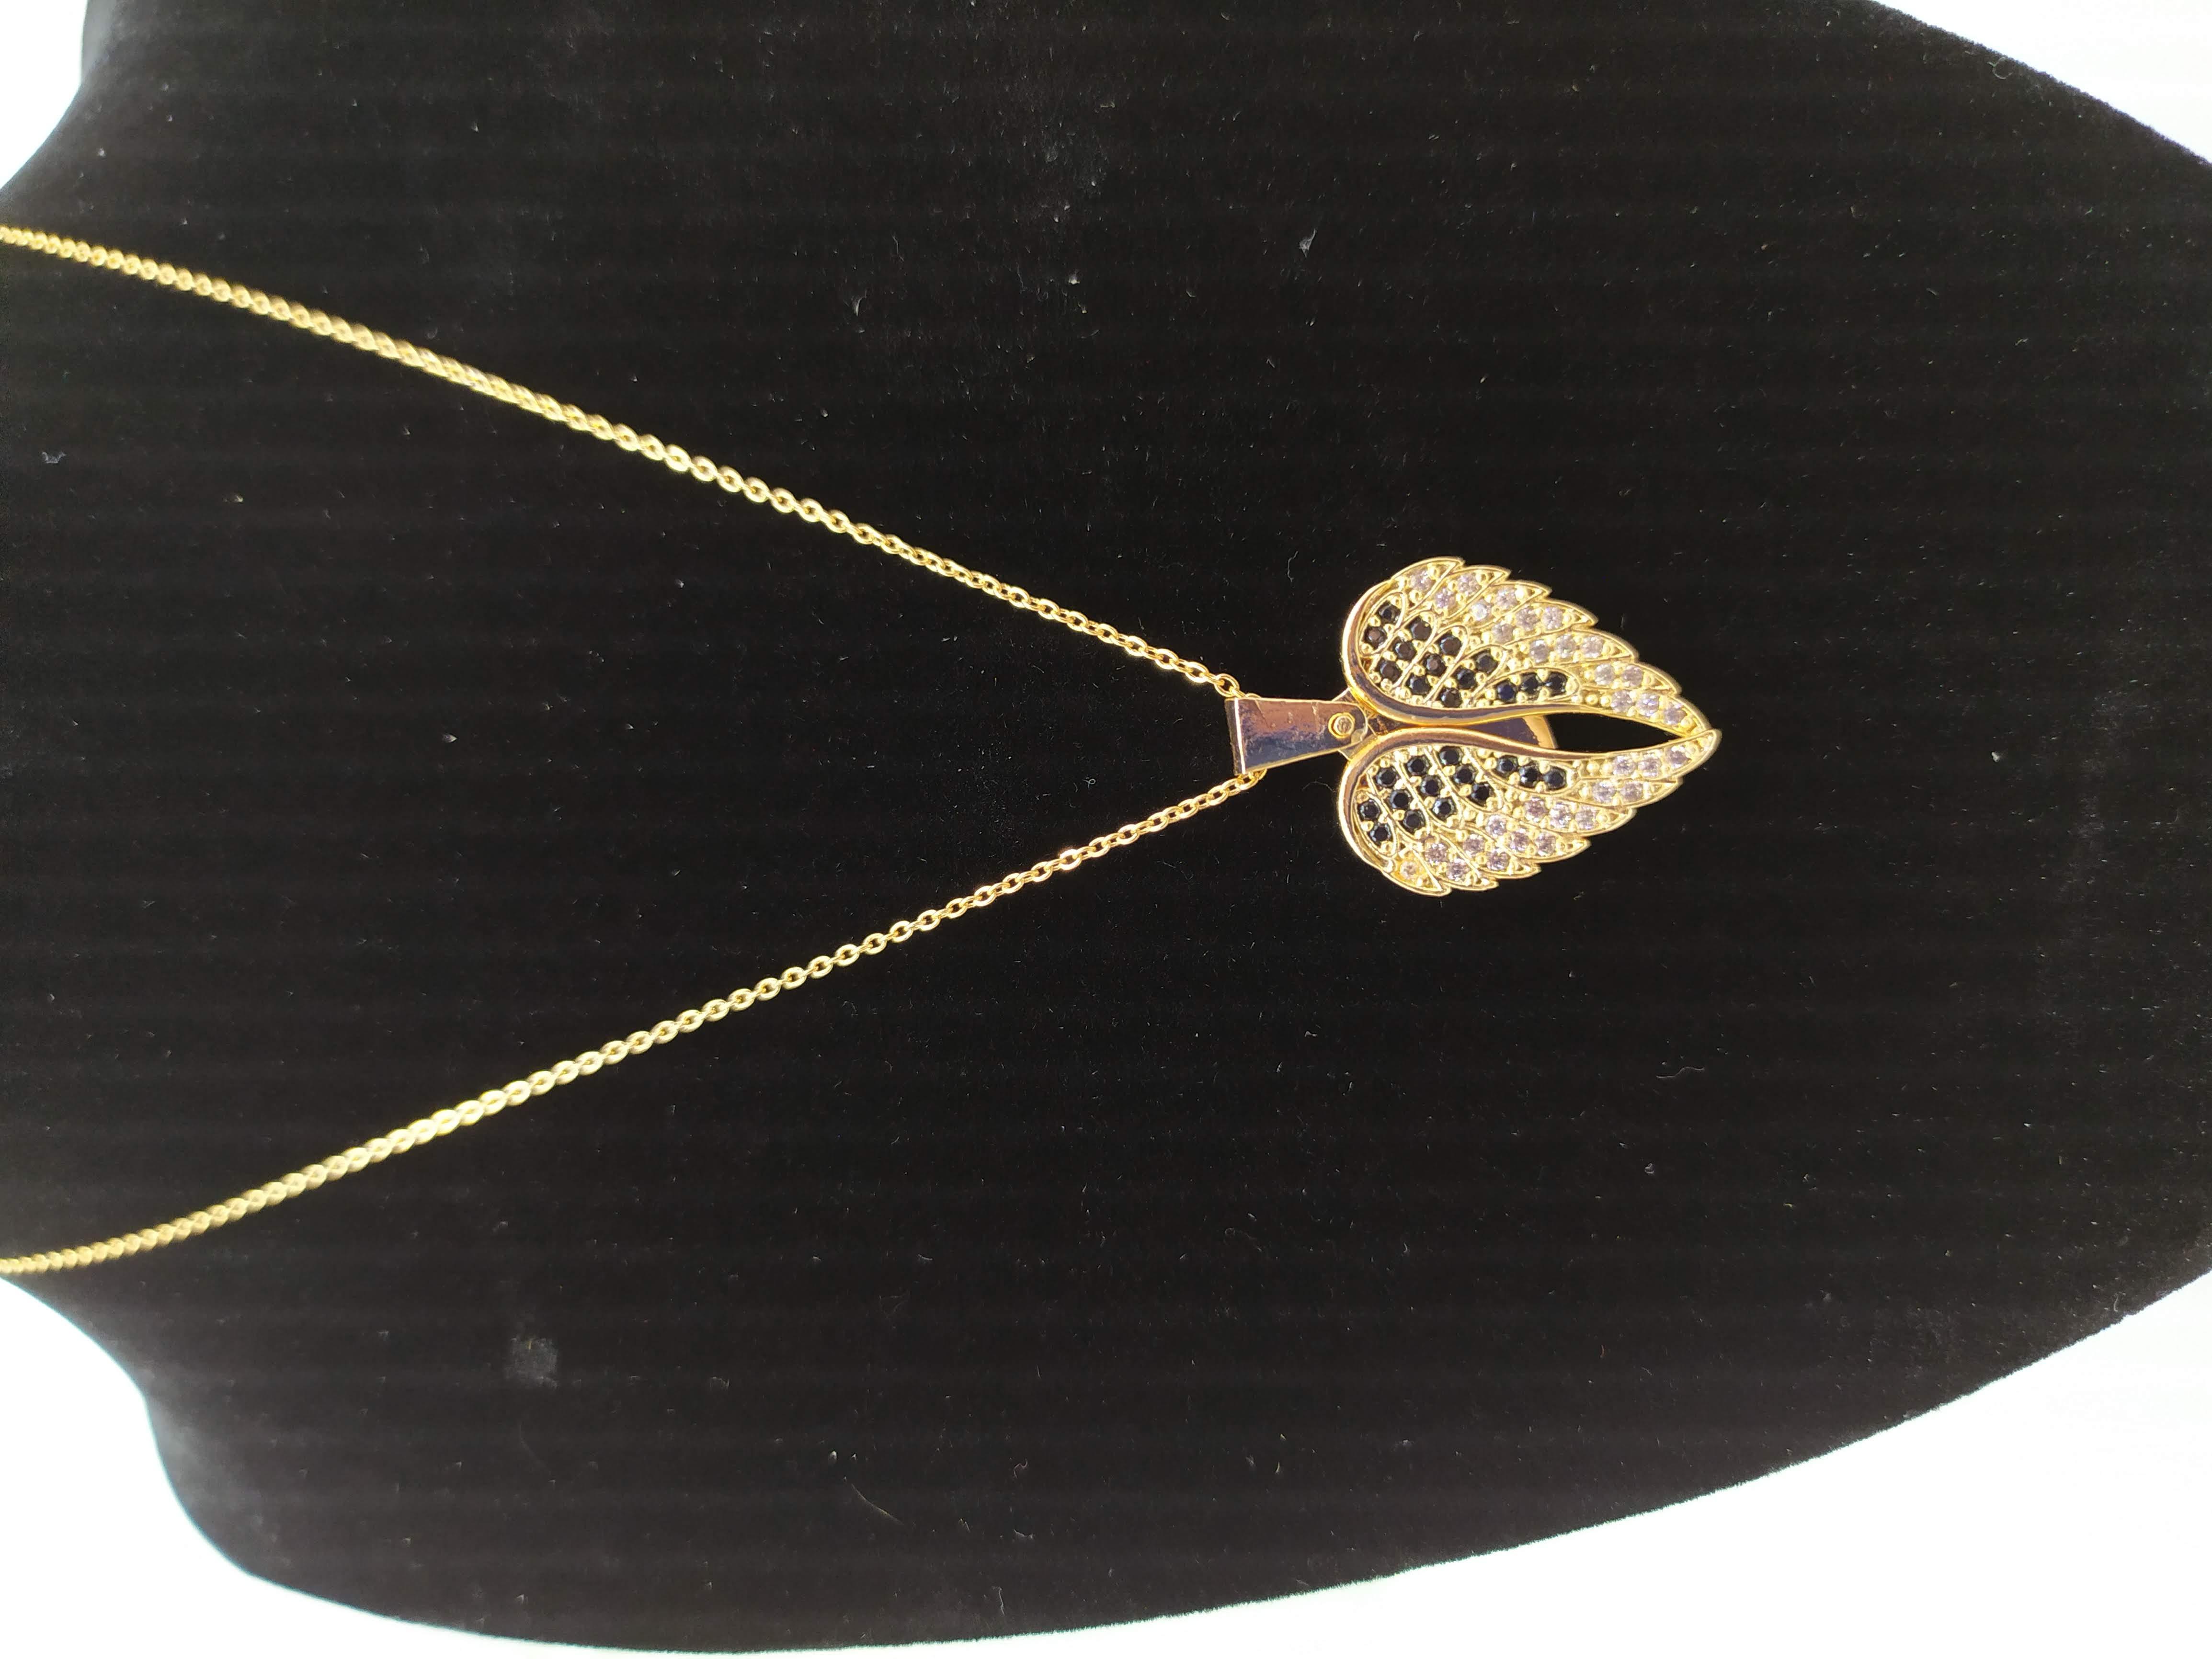 قلادة مطلية بالذهب مع الزركون الممتاز. لا يسبب الحساسية ، لا تغميق / Gold plated necklace with premium zircon. does not cause allergies, does not darken_30